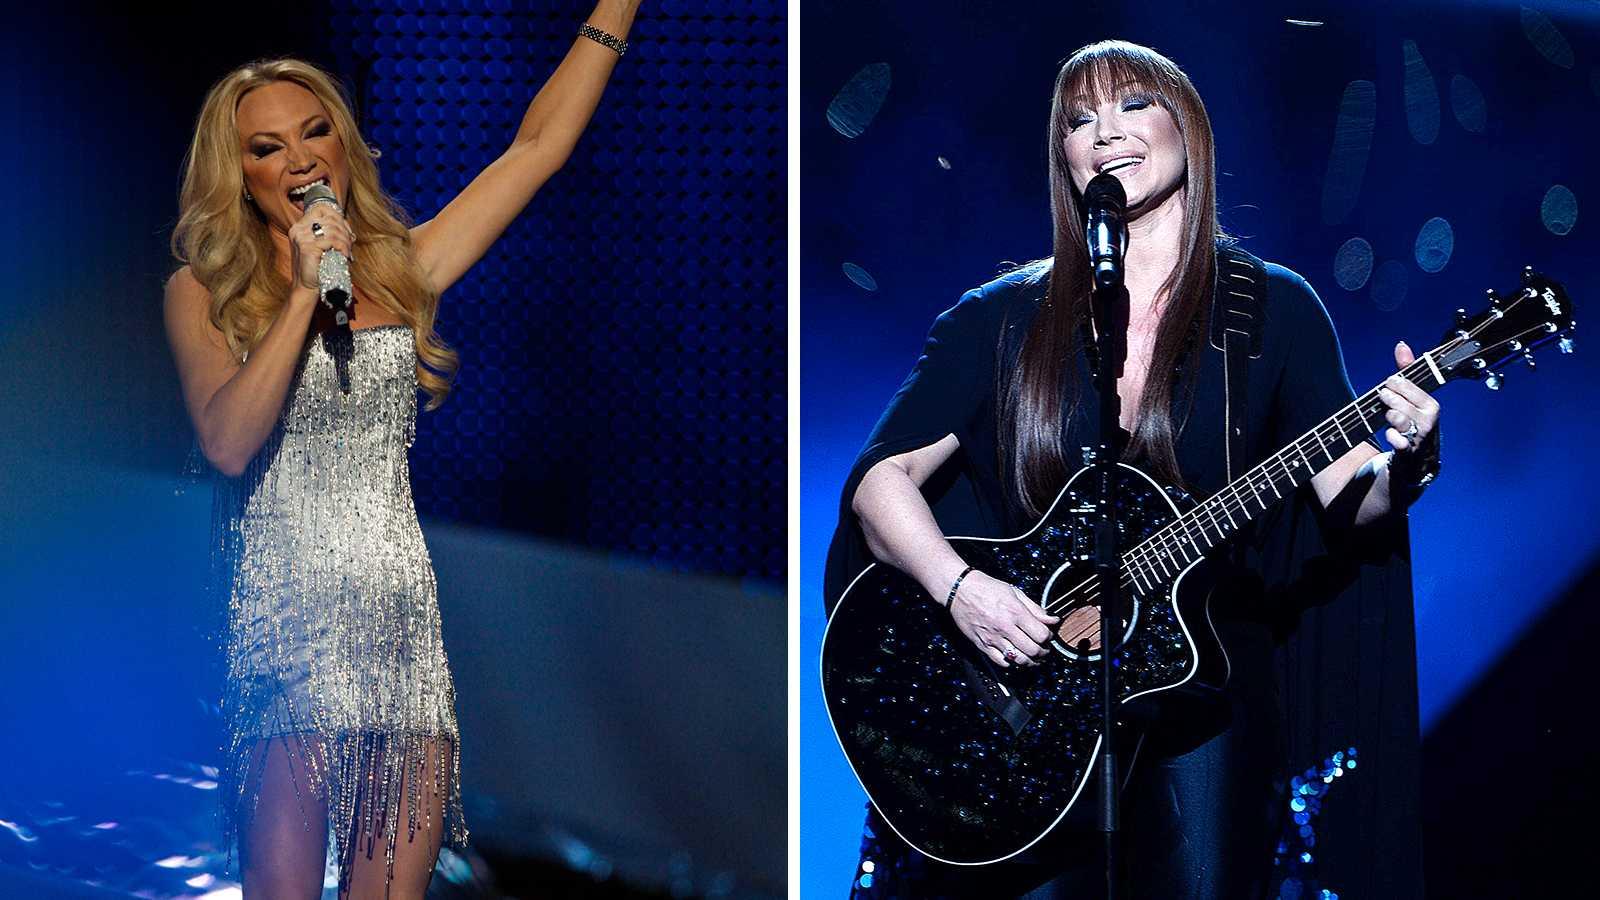 Eurovision 2008 (till vänster) och Melodifestivalen 2017 är bara två av de tillfällen då Charlotte Perrelli blivit utseendehånad, fast av helt motsatta anledningar.